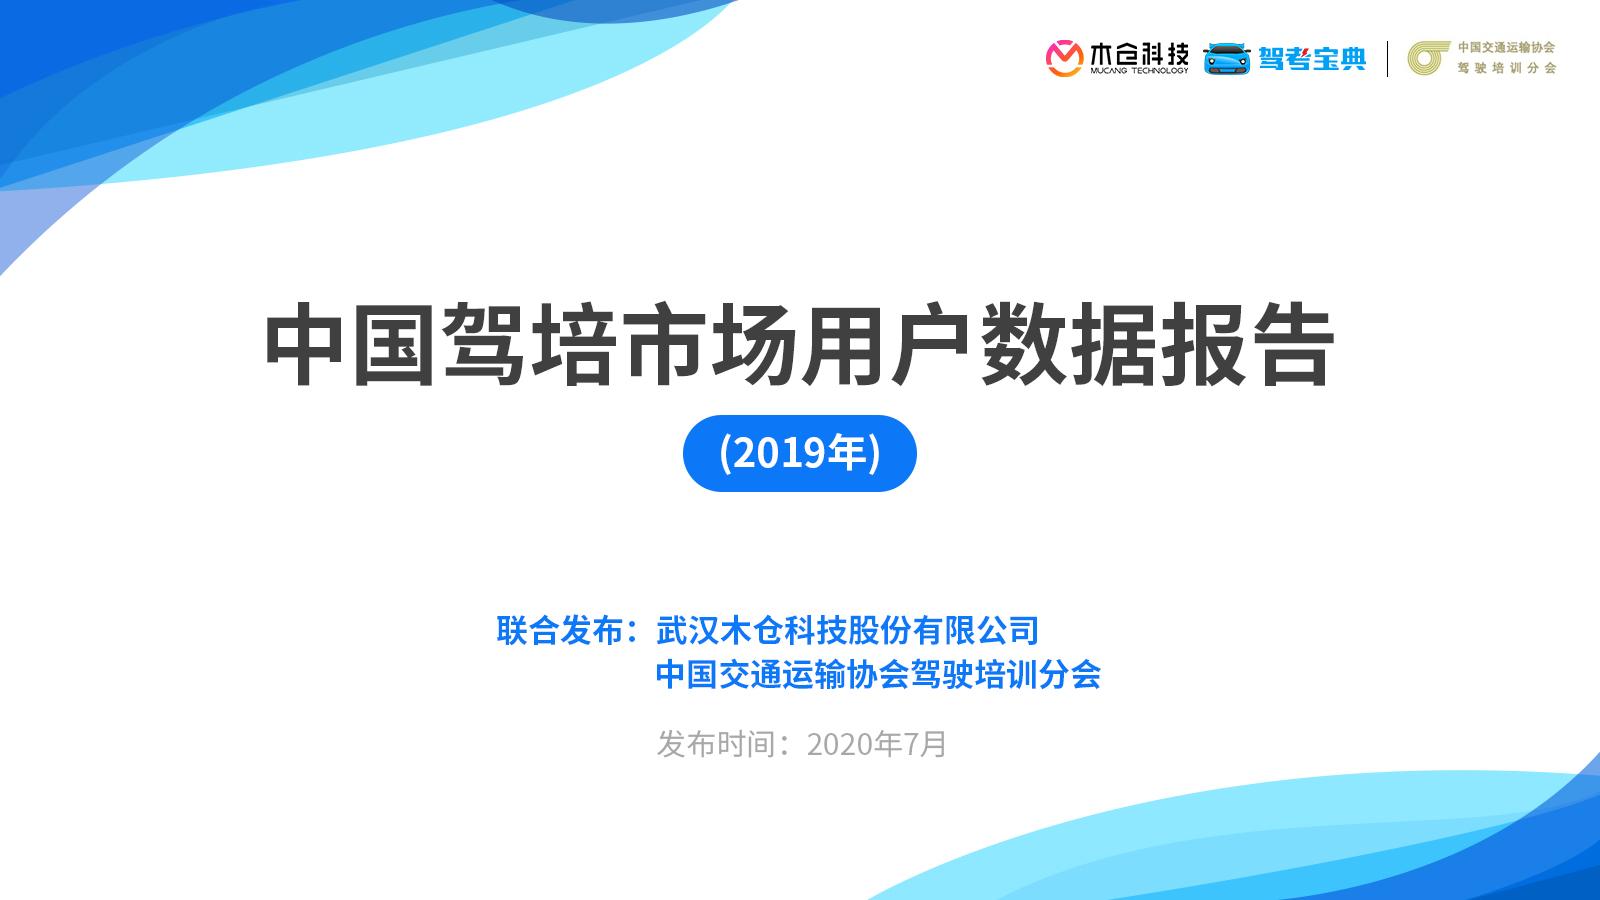 木仓科技联合中国交通运输协会驾驶培训分会发布《中国驾培行业用户数据报告(2019)》